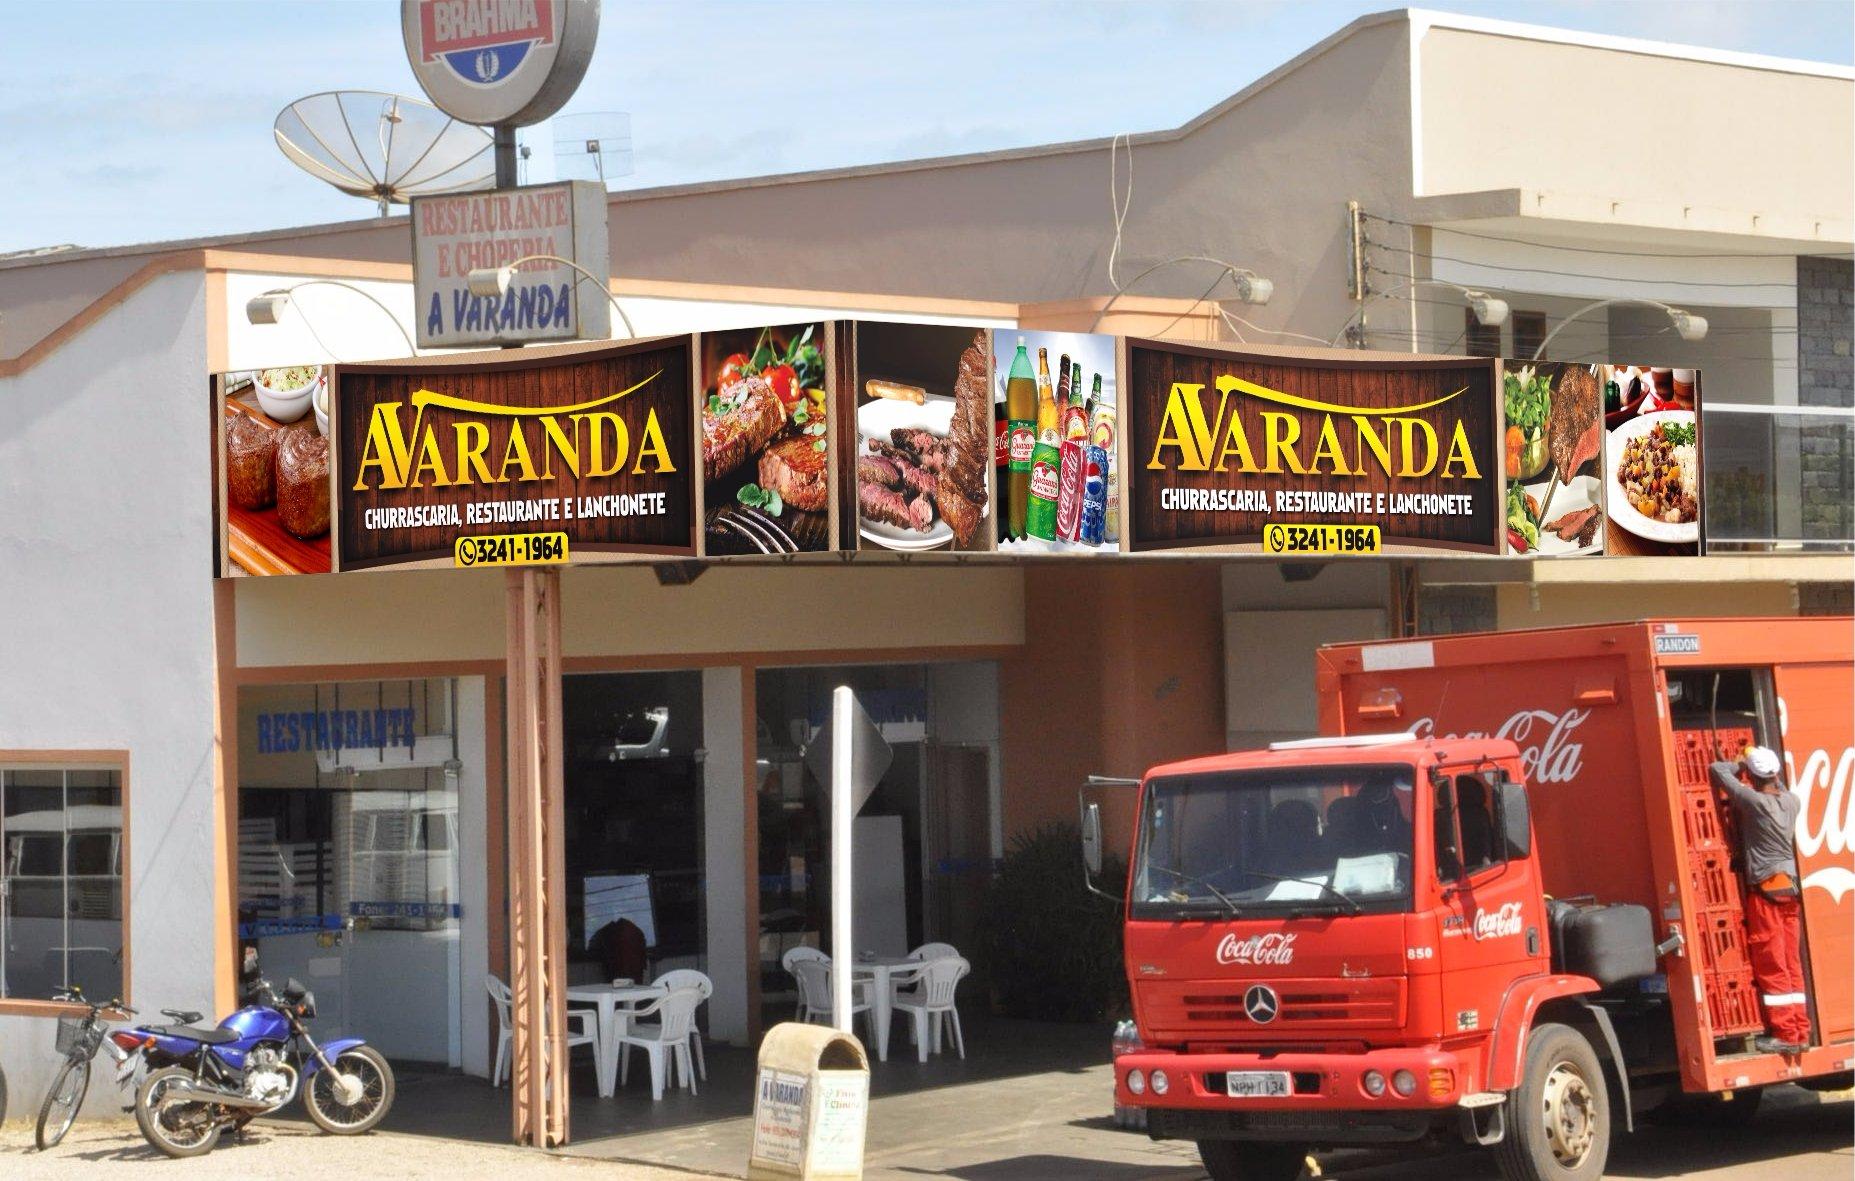 A Varanda